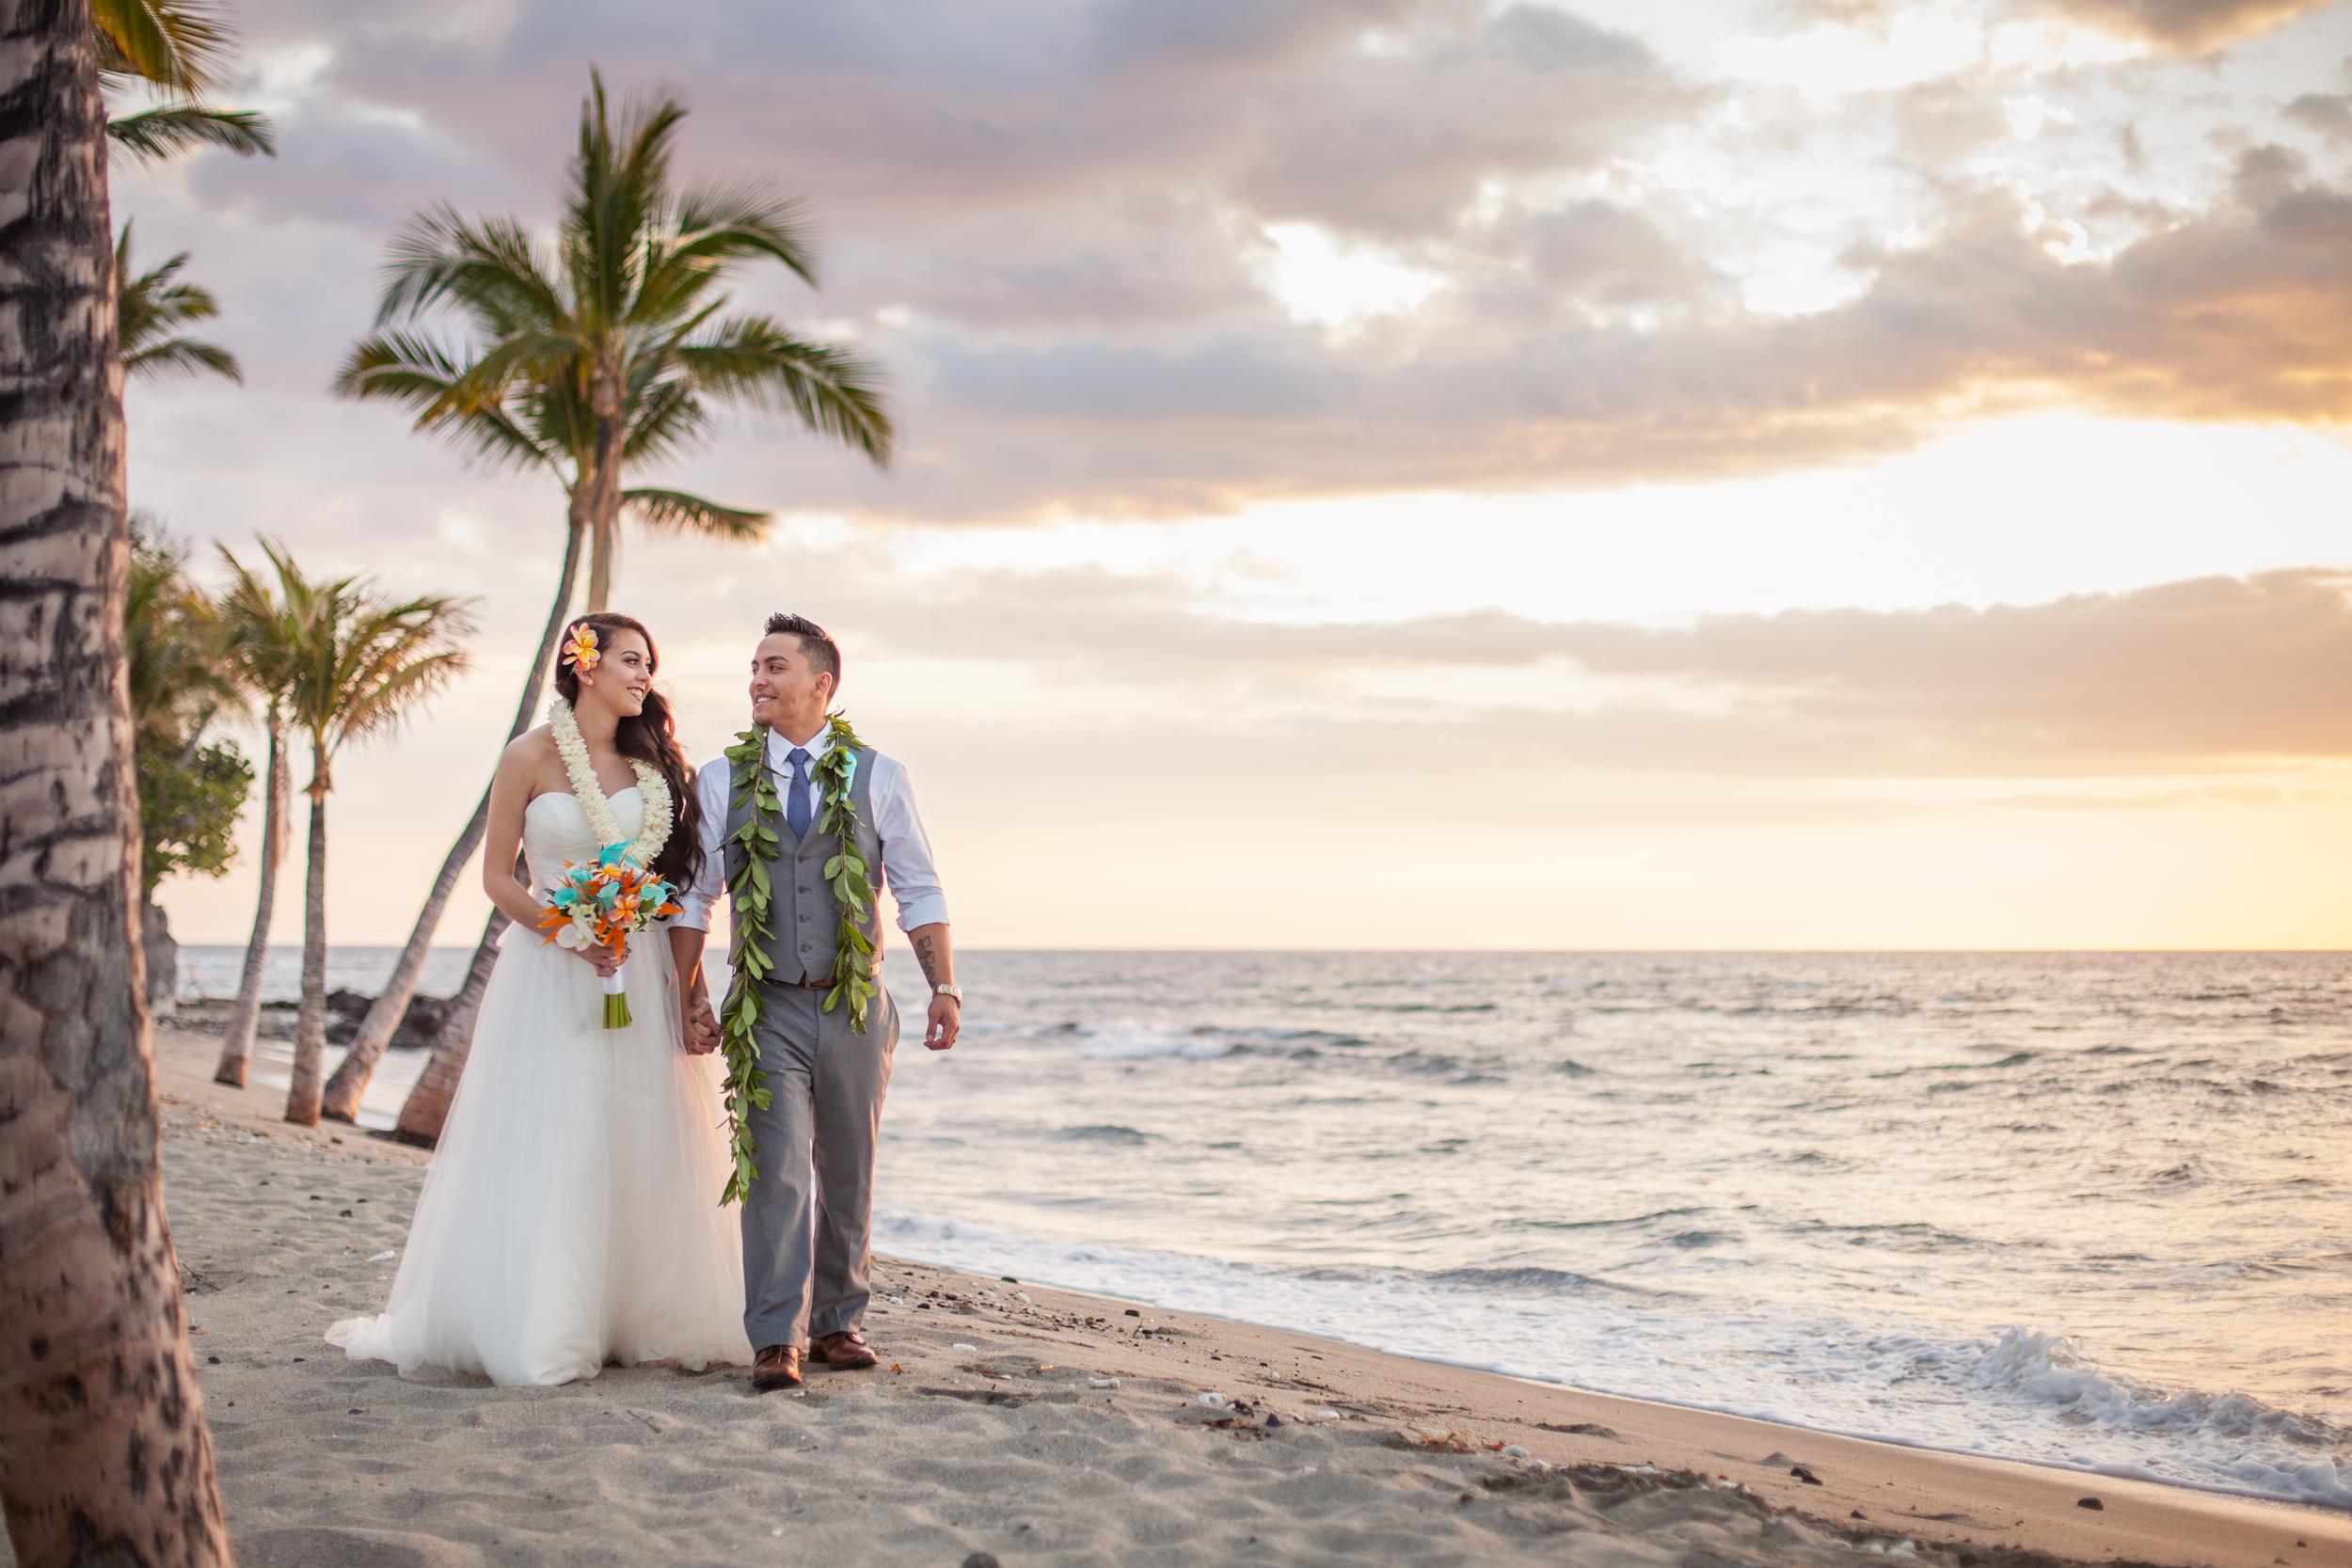 big island hawaii mauna lani resort wedding © kelilina photography 20160523184233-1.jpg